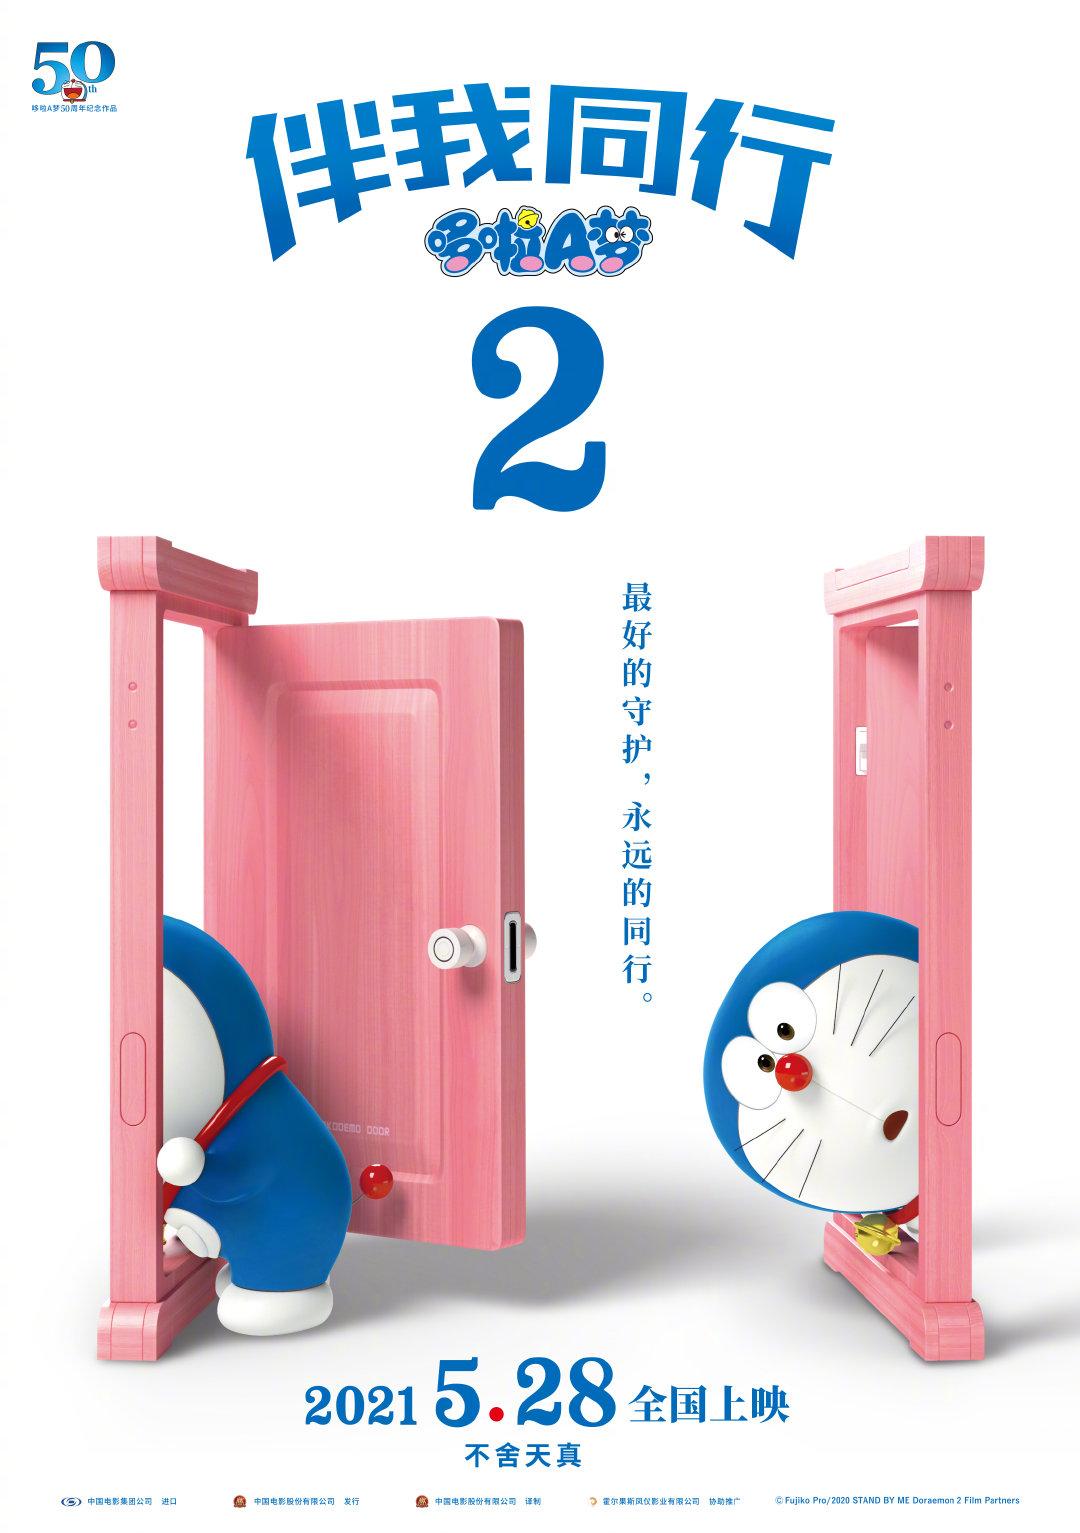 《哆啦A梦:伴我同行2》新预告及海报 预售已开启